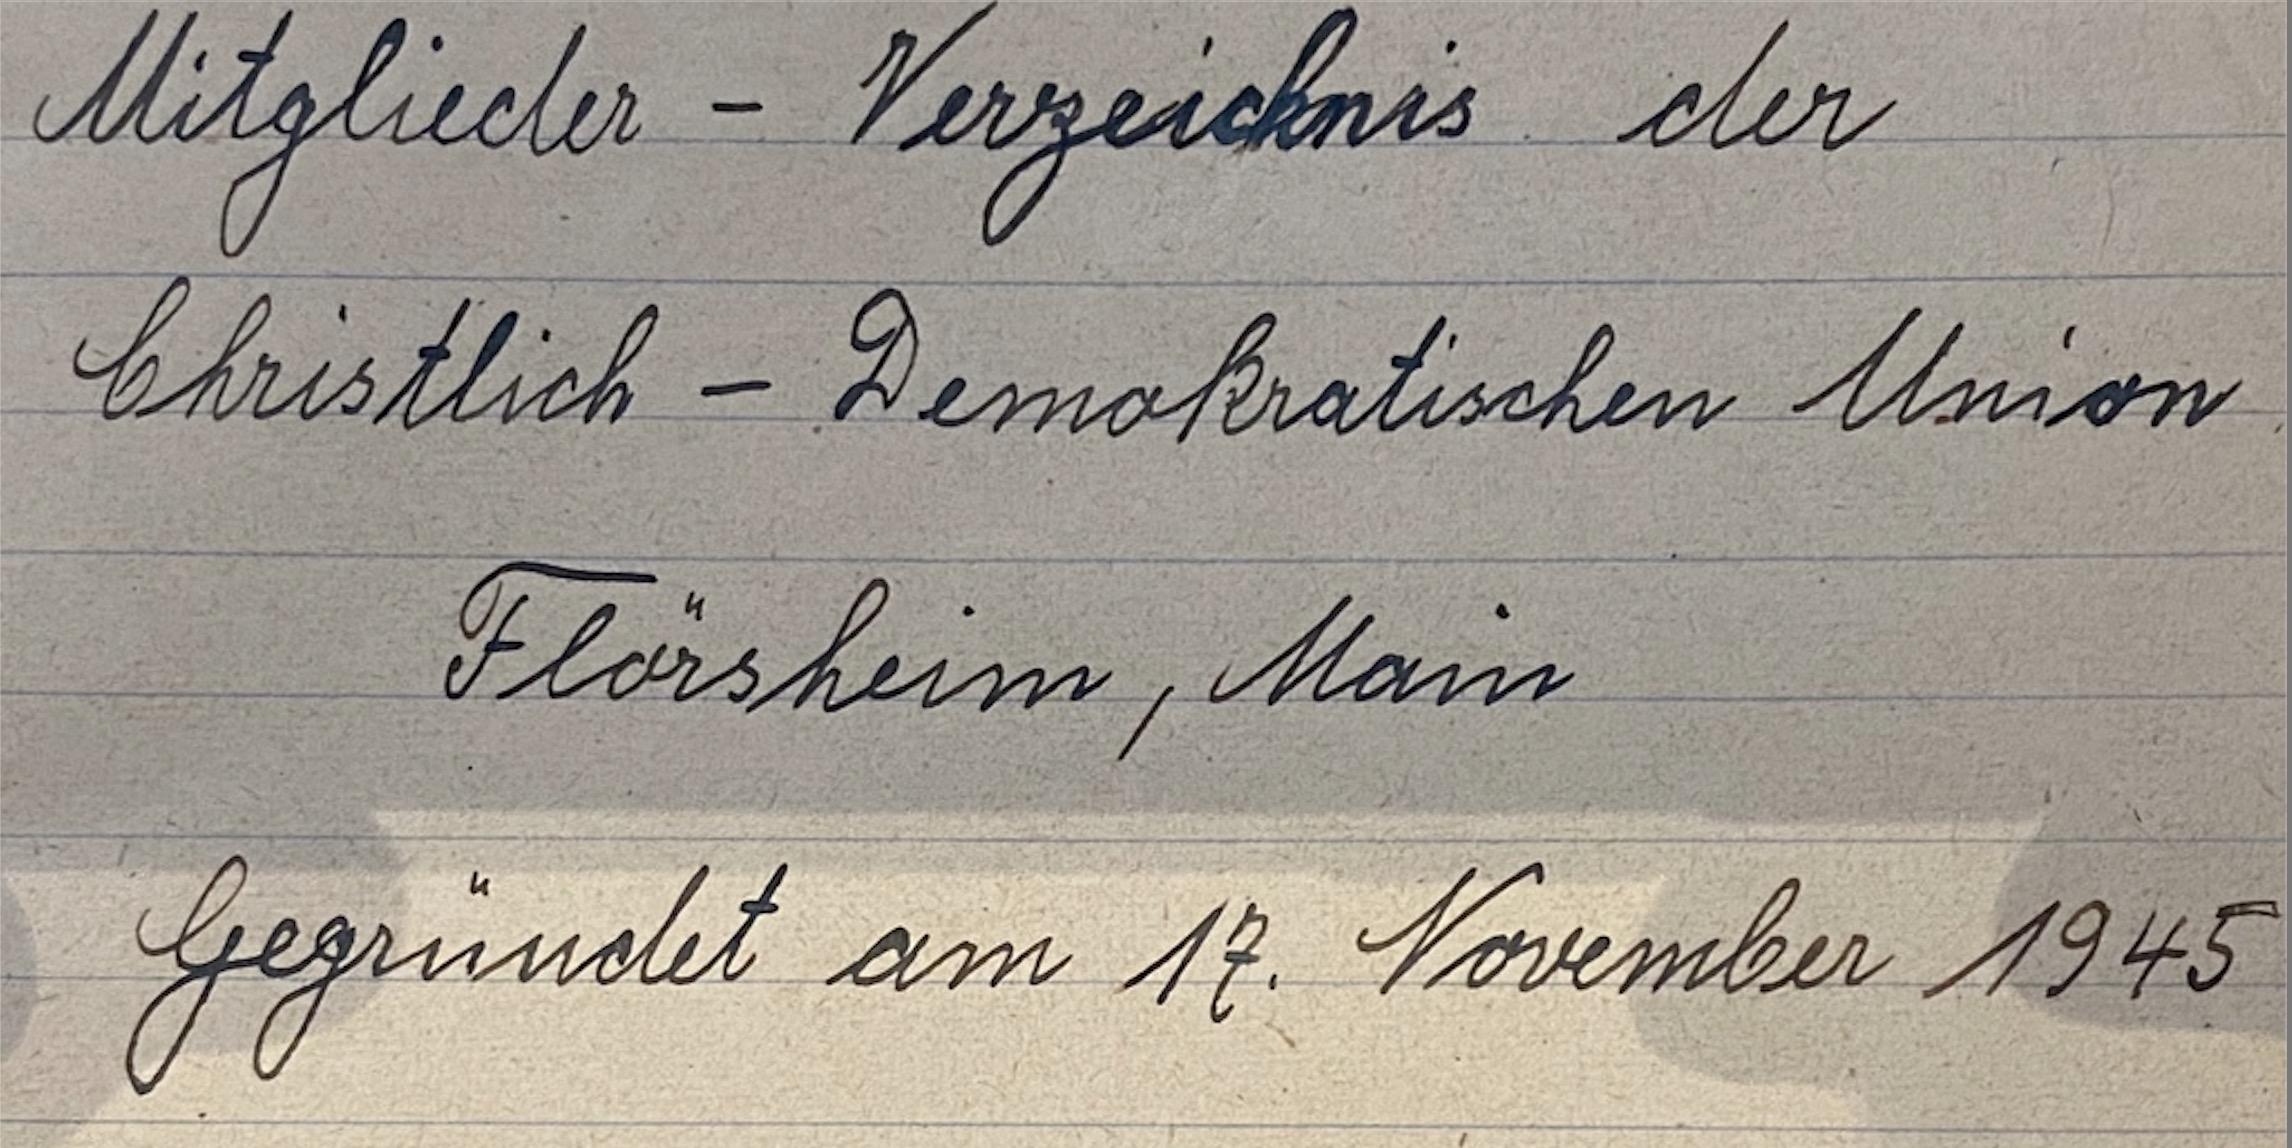 CDU Flörsheim am Main: Wie alles begann in Flörsheim